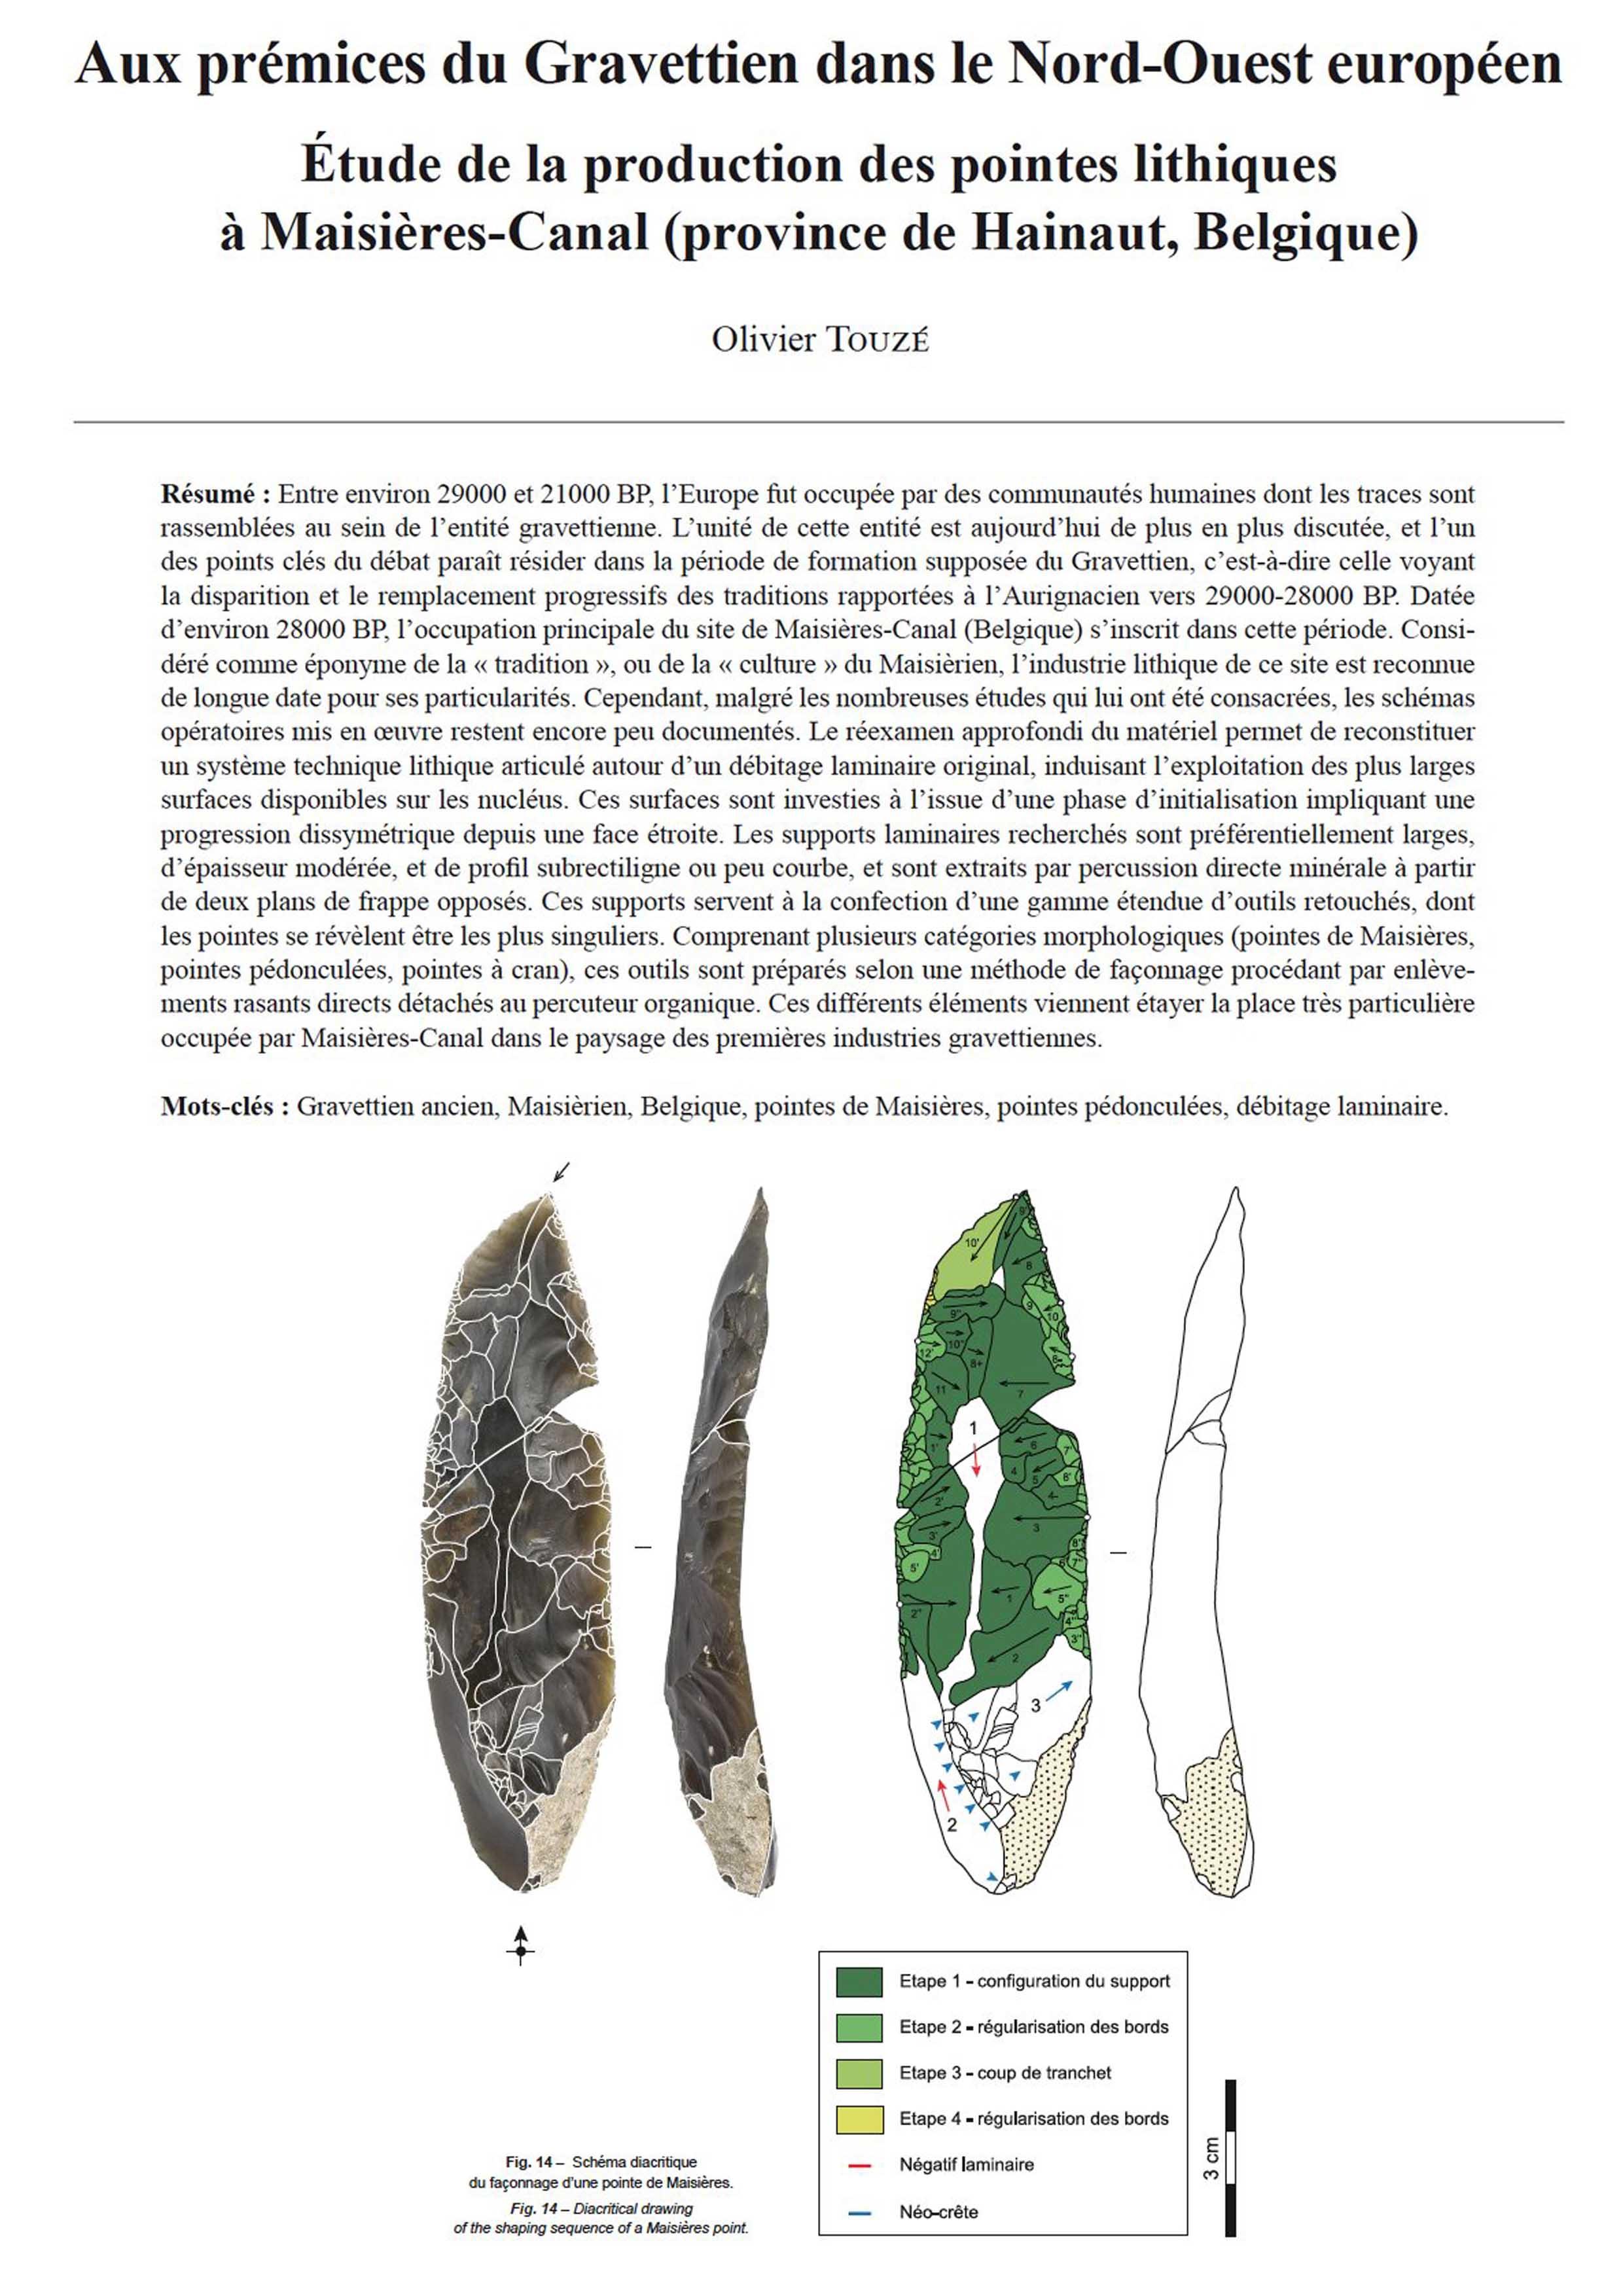 Pourquoi Pas De Volets En Irlande 14-2018, tome 115, 3, p. 455-495 - olivier touzÉ – aux prémices du  gravettien dans le nord-ouest européen. etude de la production des pointes